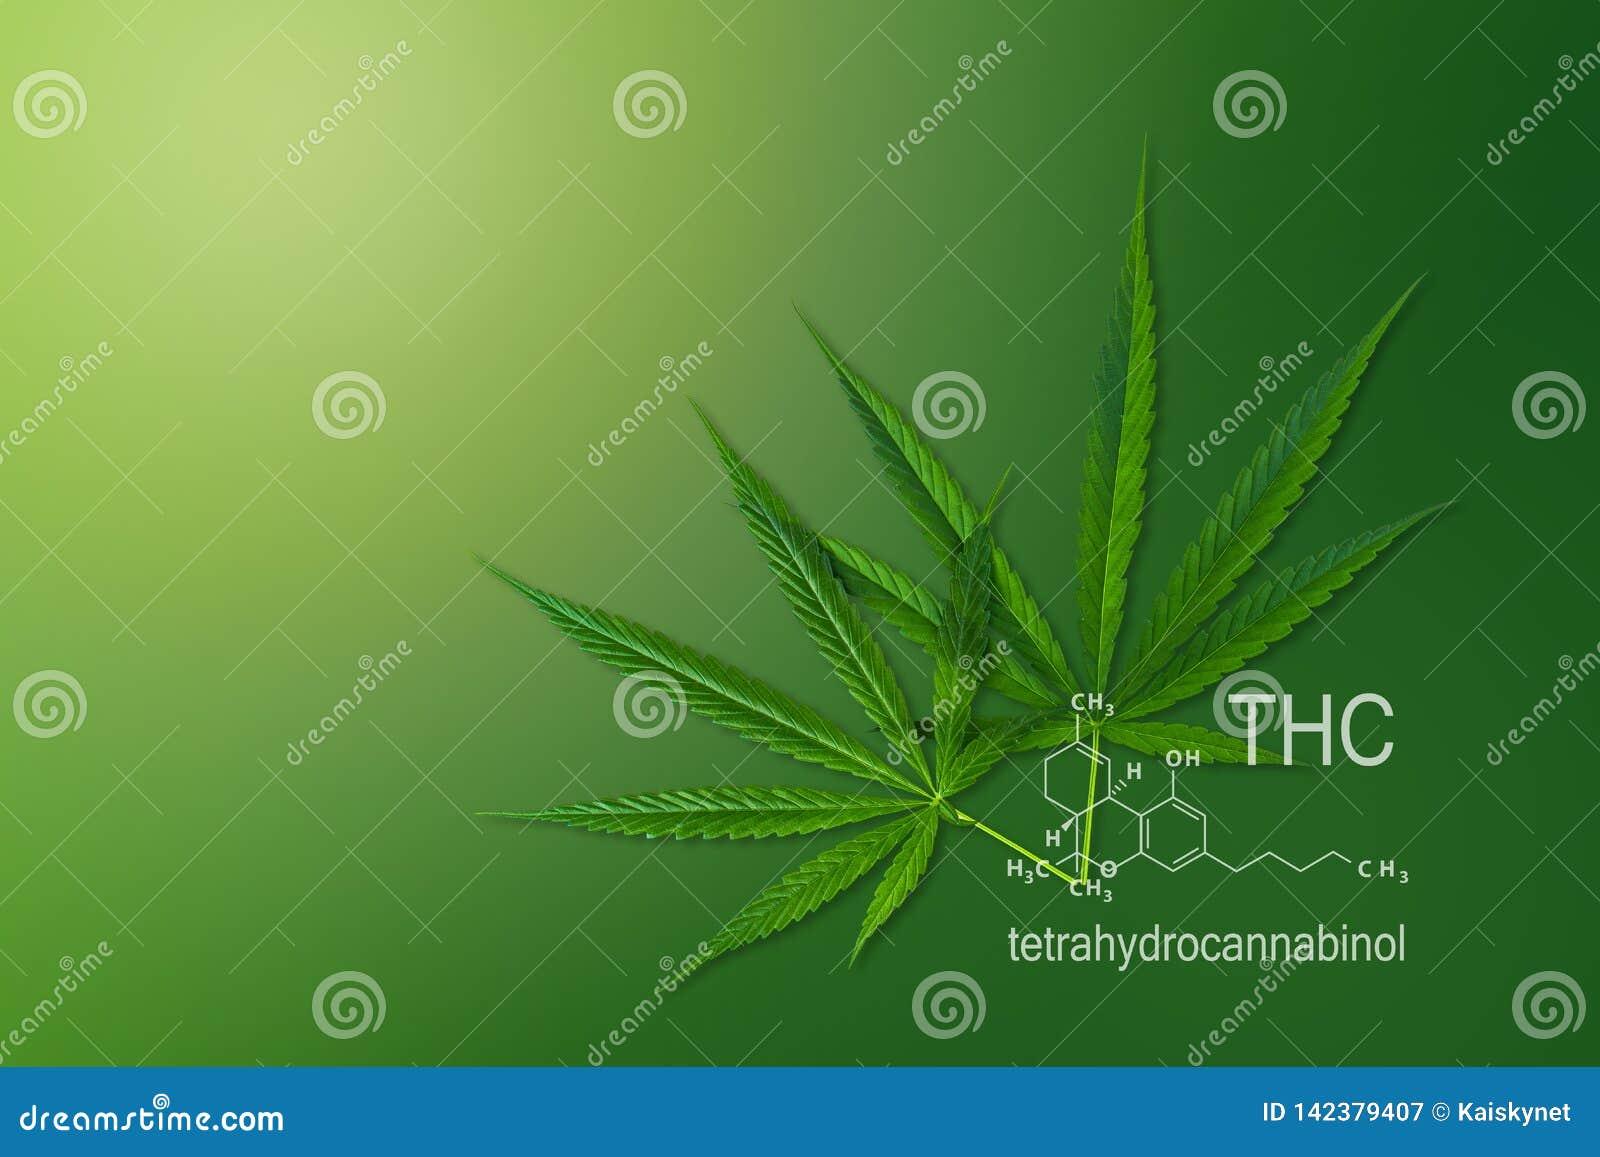 Медицинская пенька THC химической формулы, tetrahydrocannabinol марихуаны молекулярной структуры